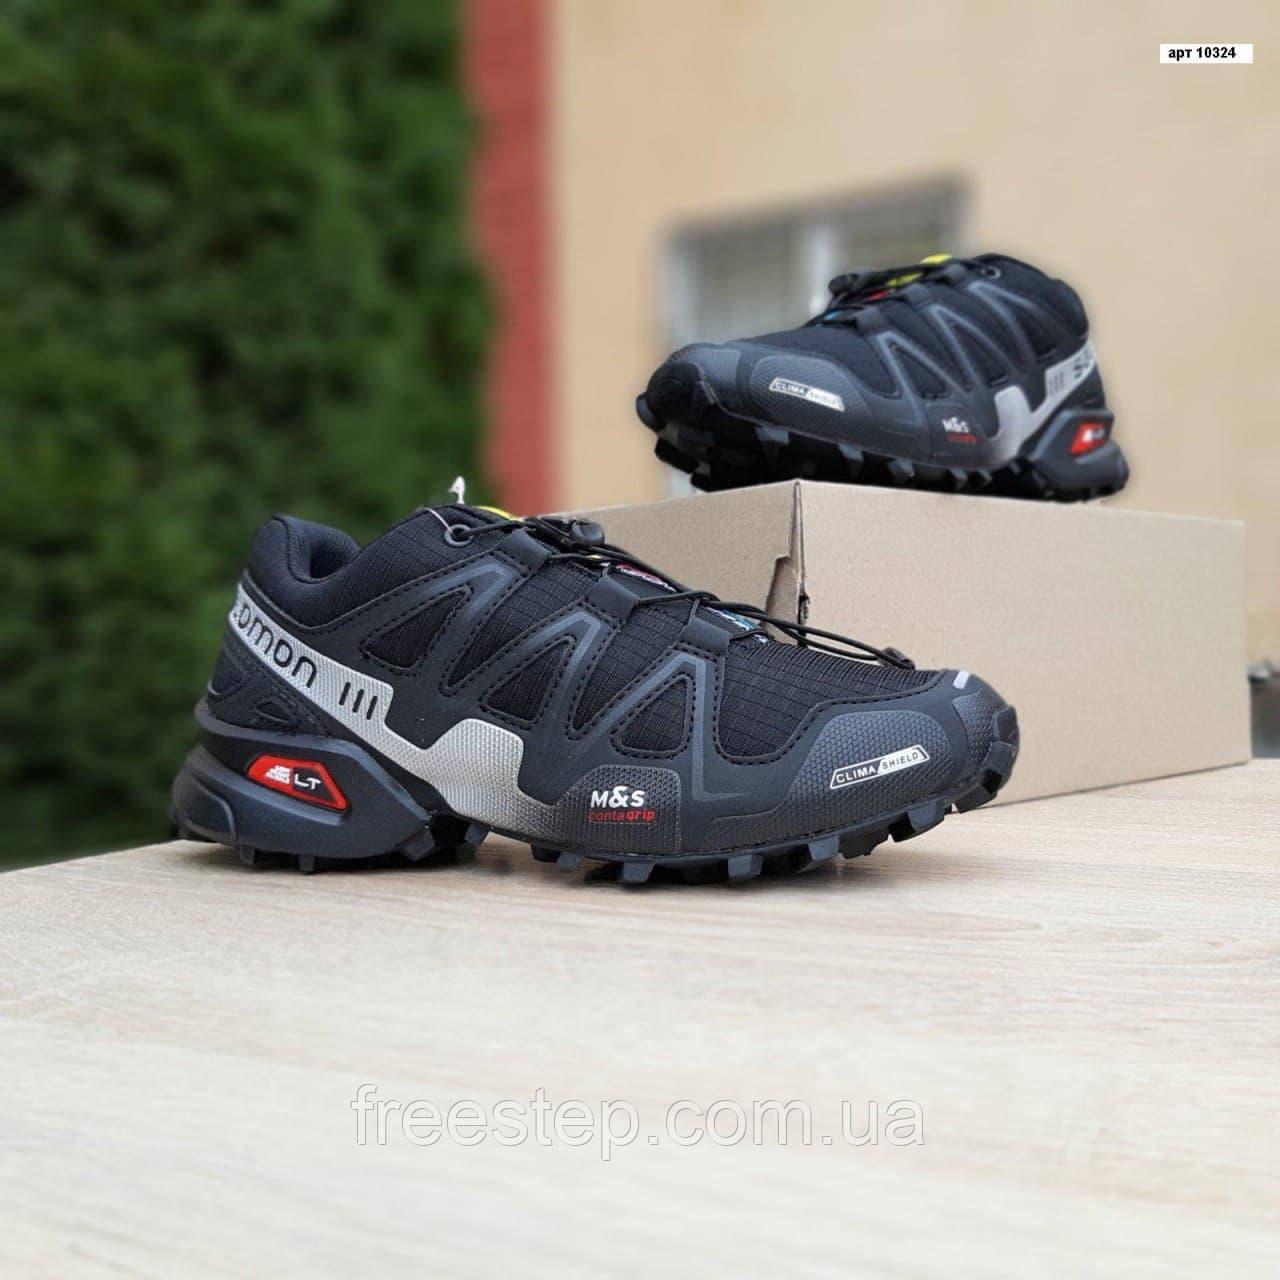 Мужские кроссовки в стиле Salomon SpeedСross 3 черные с белым